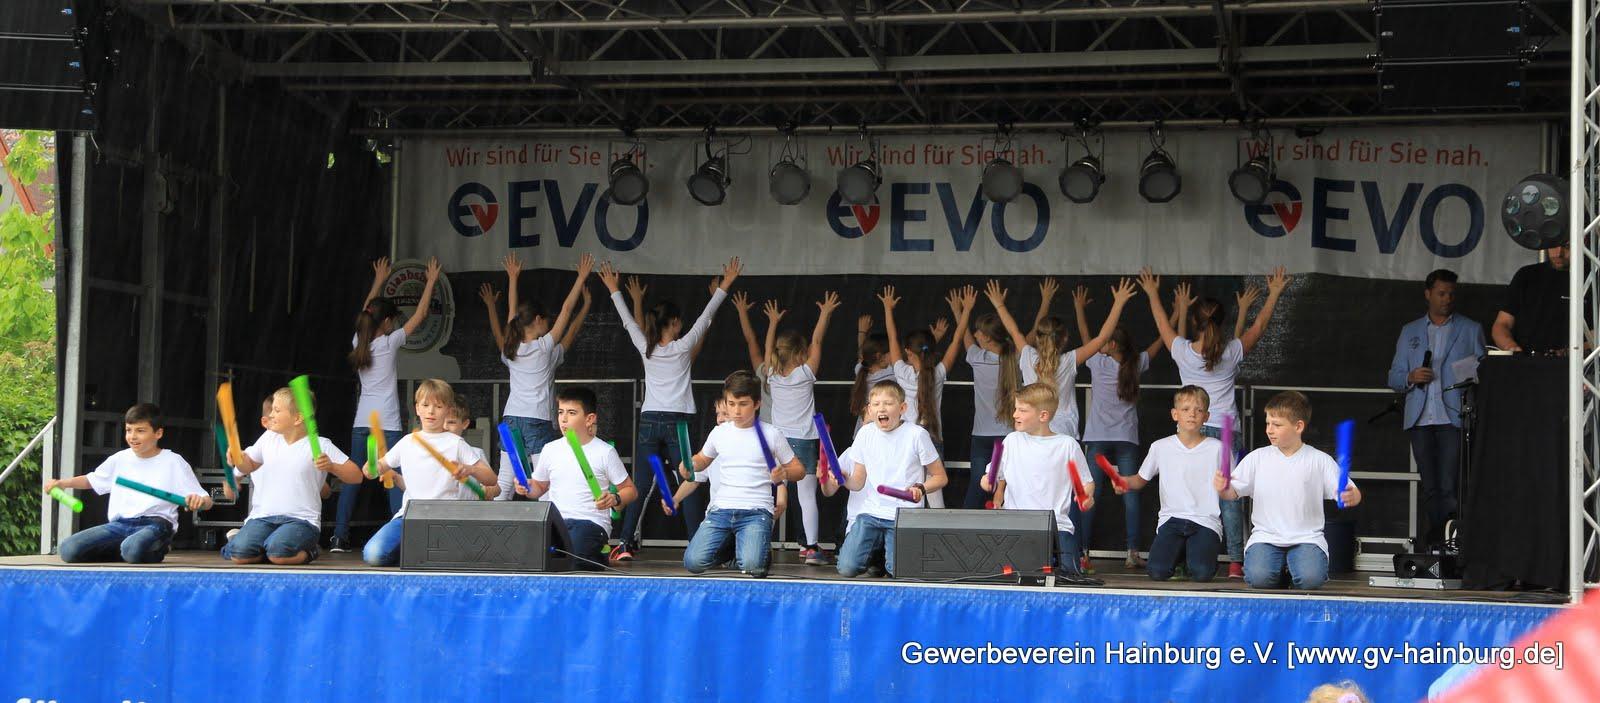 Bühnenprogramm Hainburger Markt 2015